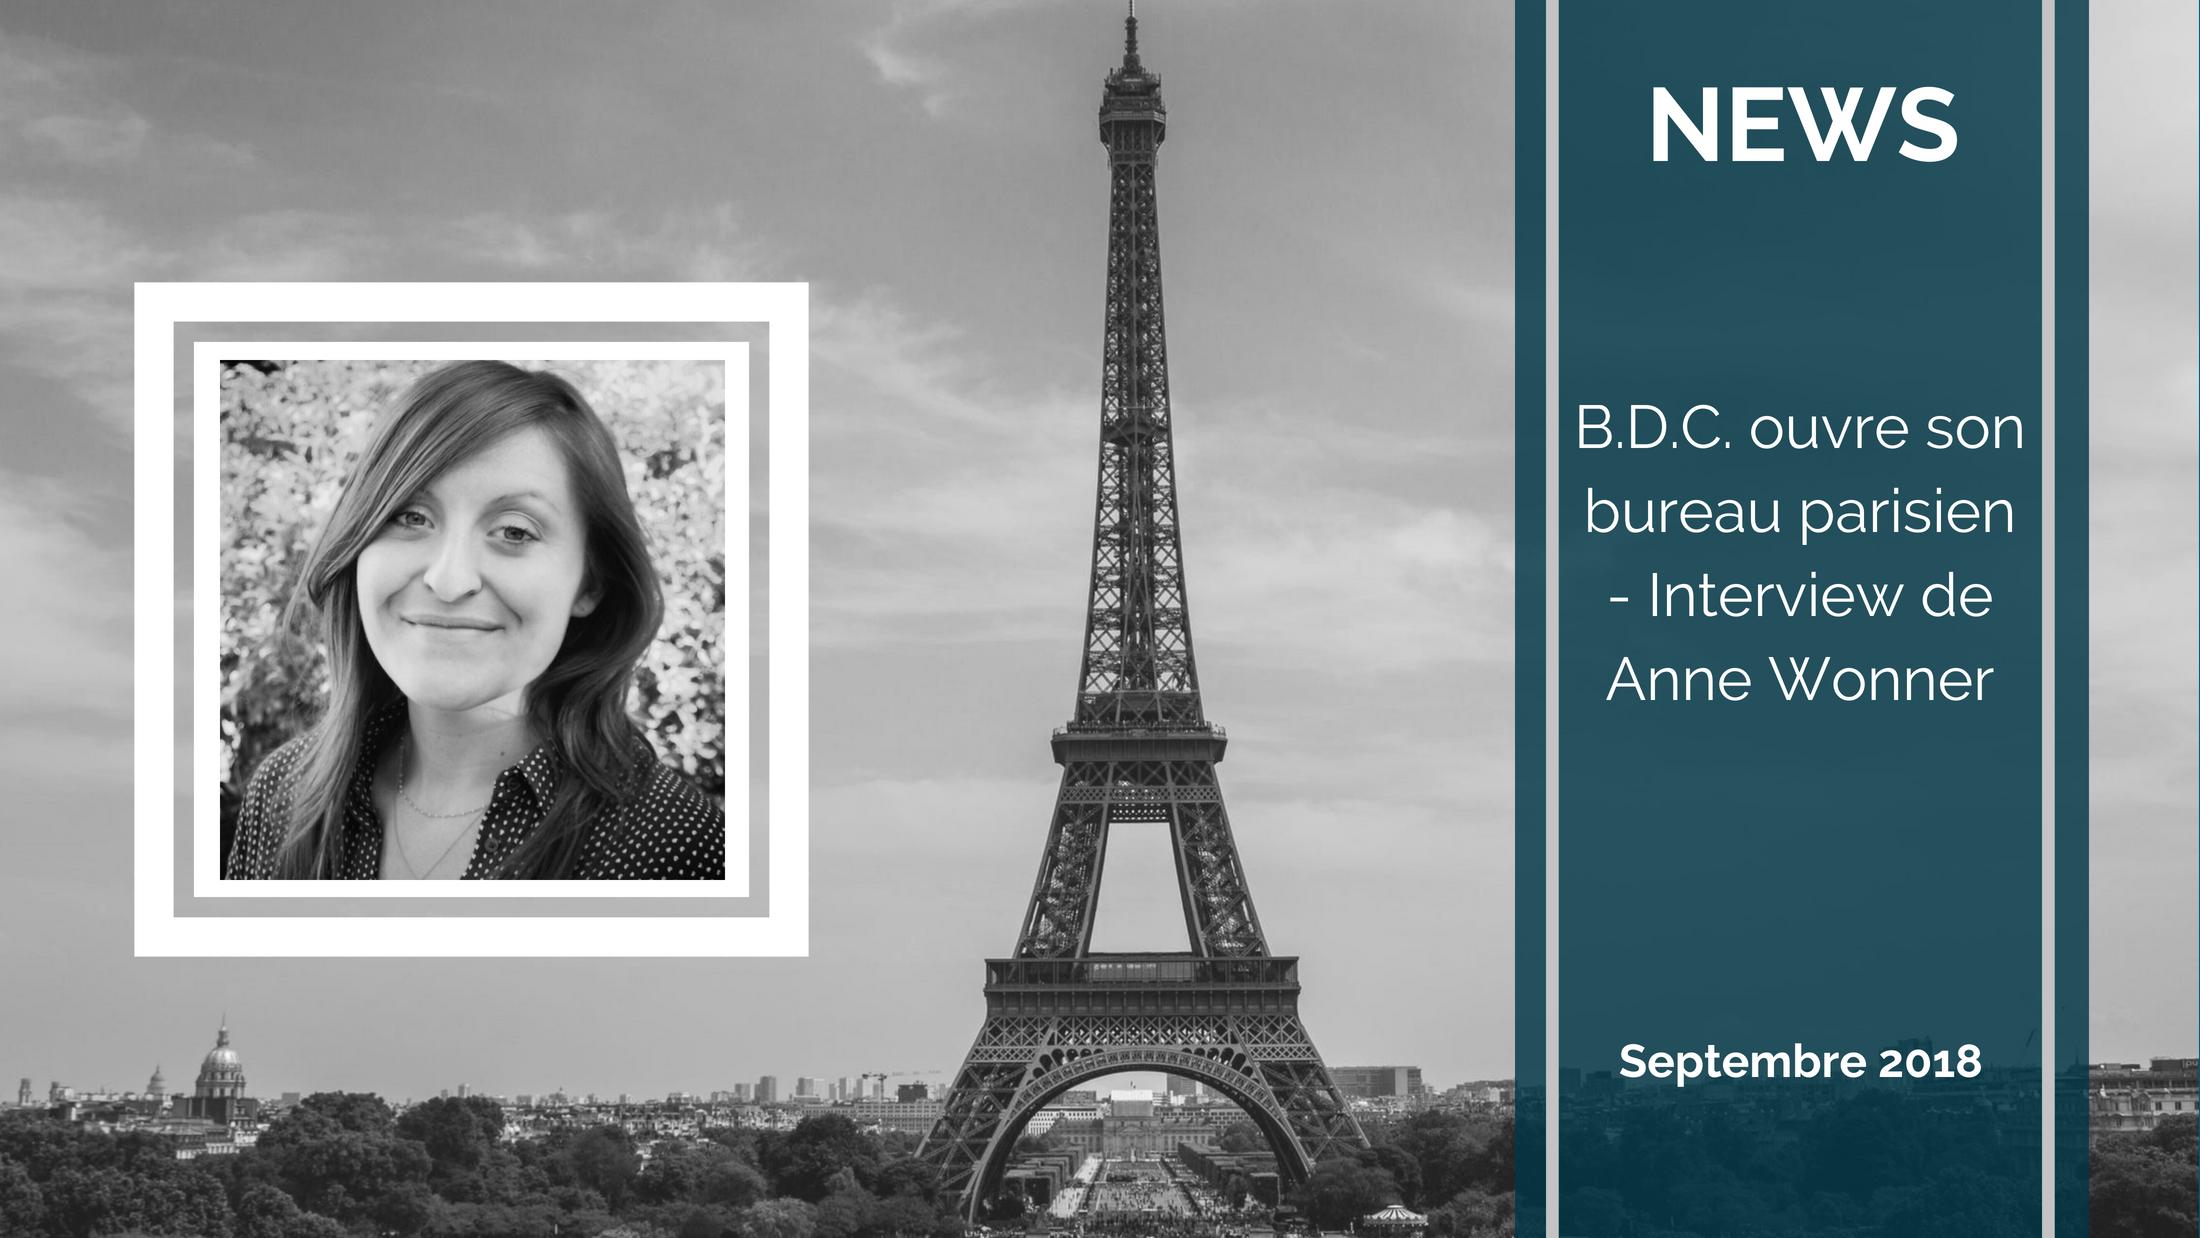 BDC PARIS - B.D.C. ouvre son bureau parisien